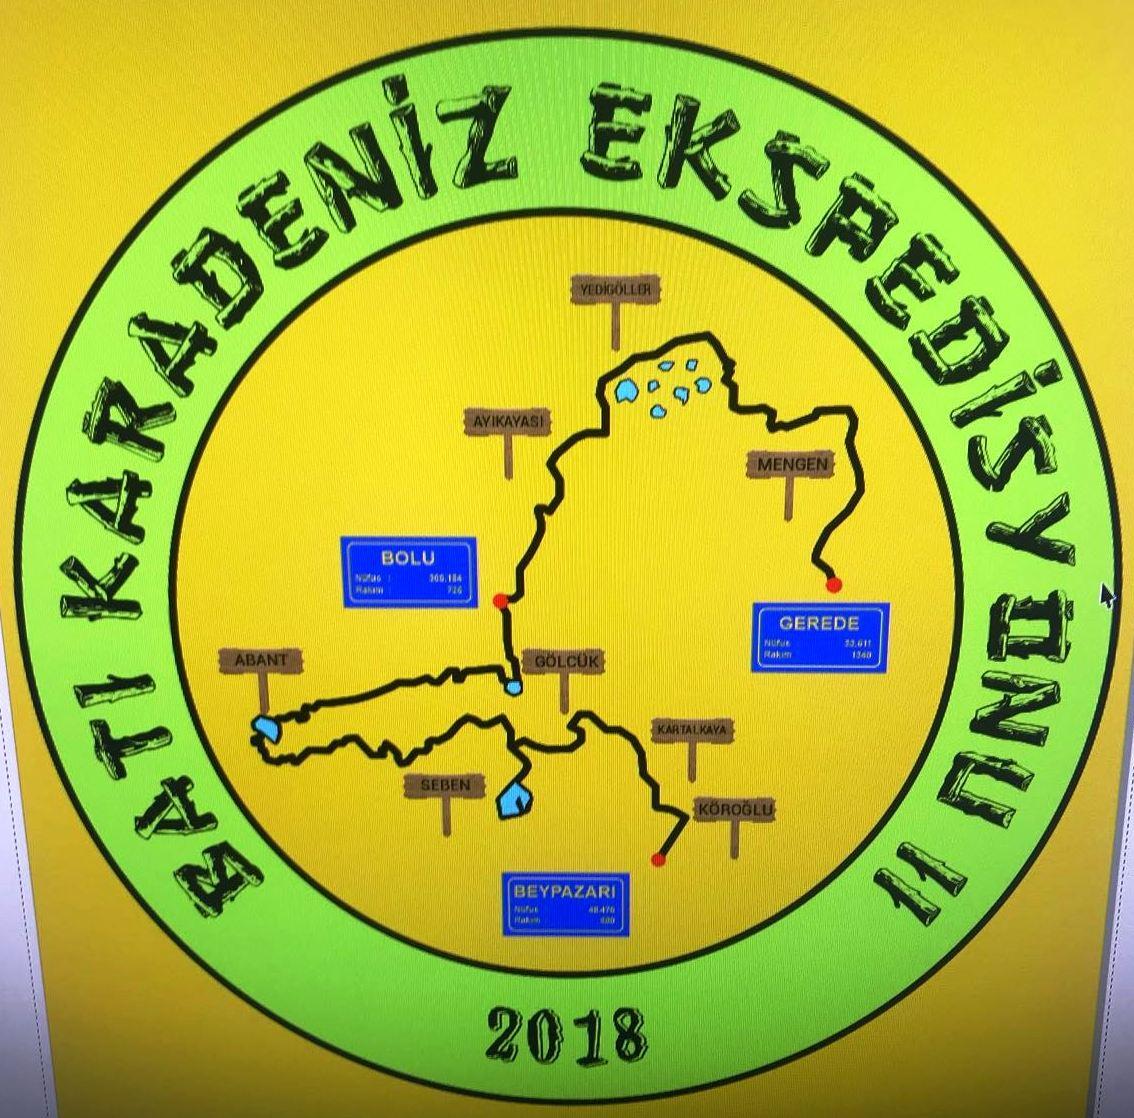 Batı Karadeniz Expedisyonu 2